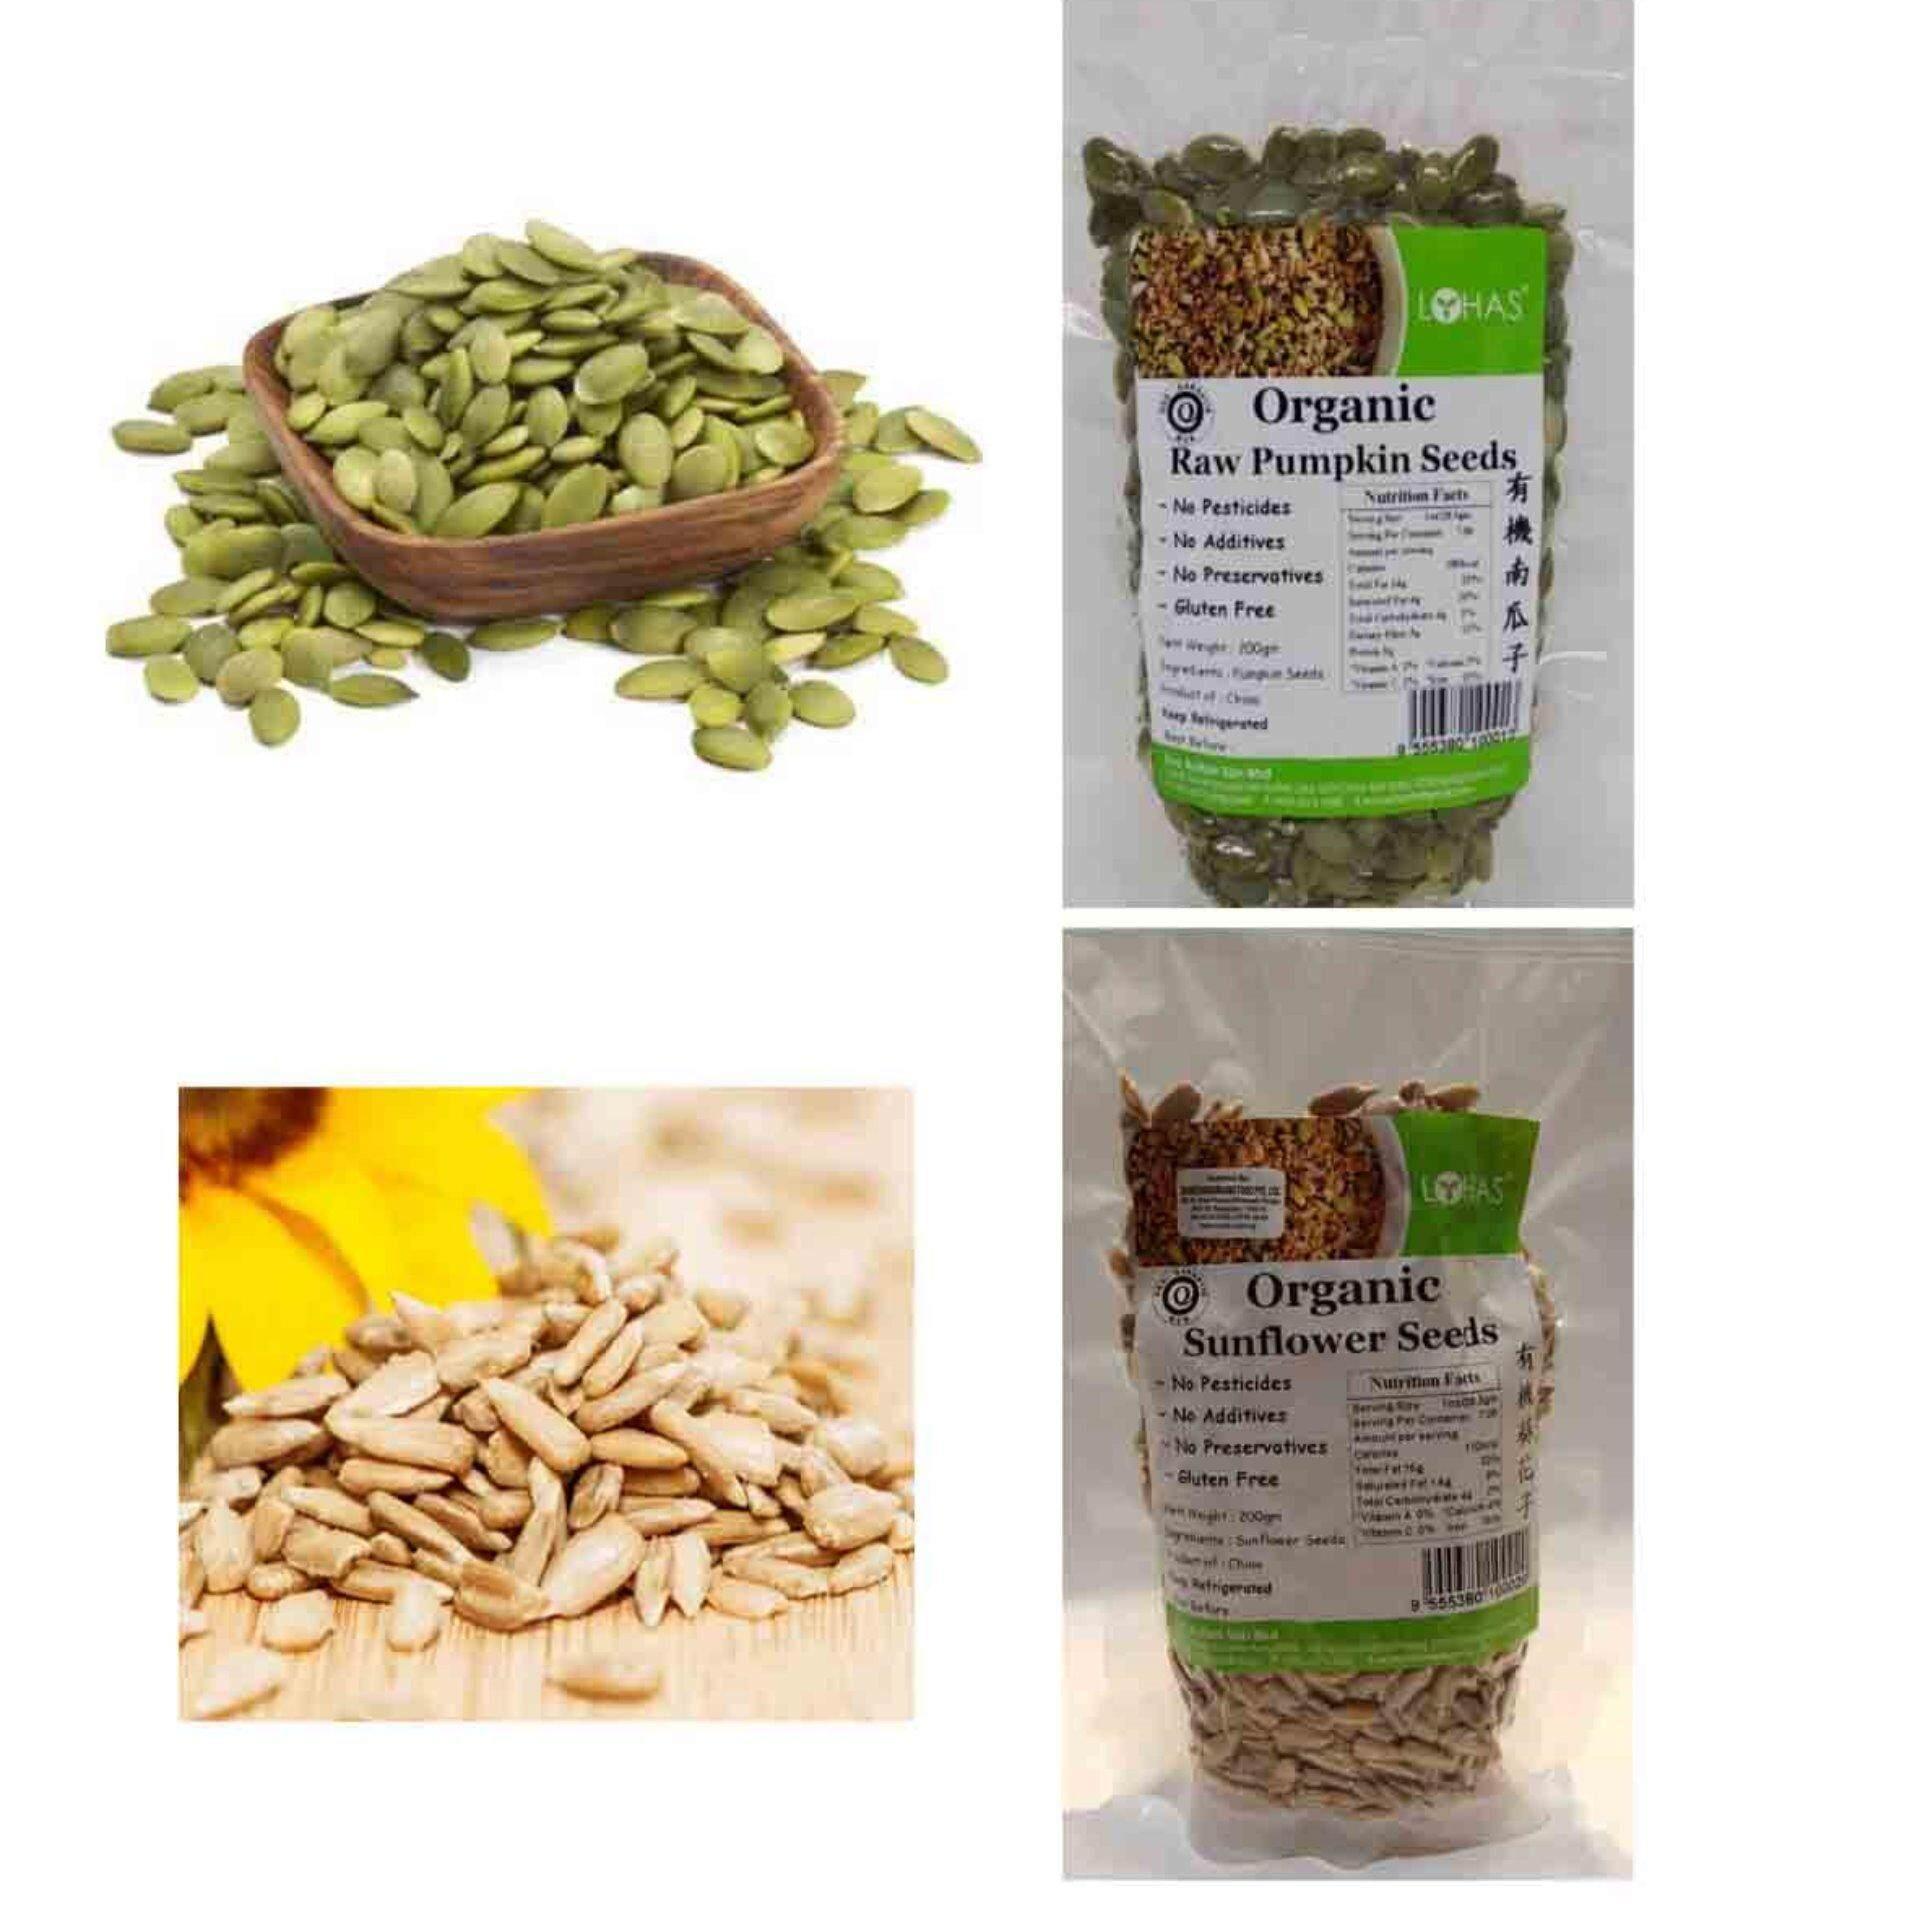 Lohas Organic Pumpkin Seeds 200g + Sunflower Seeds 200g (Gluten free)